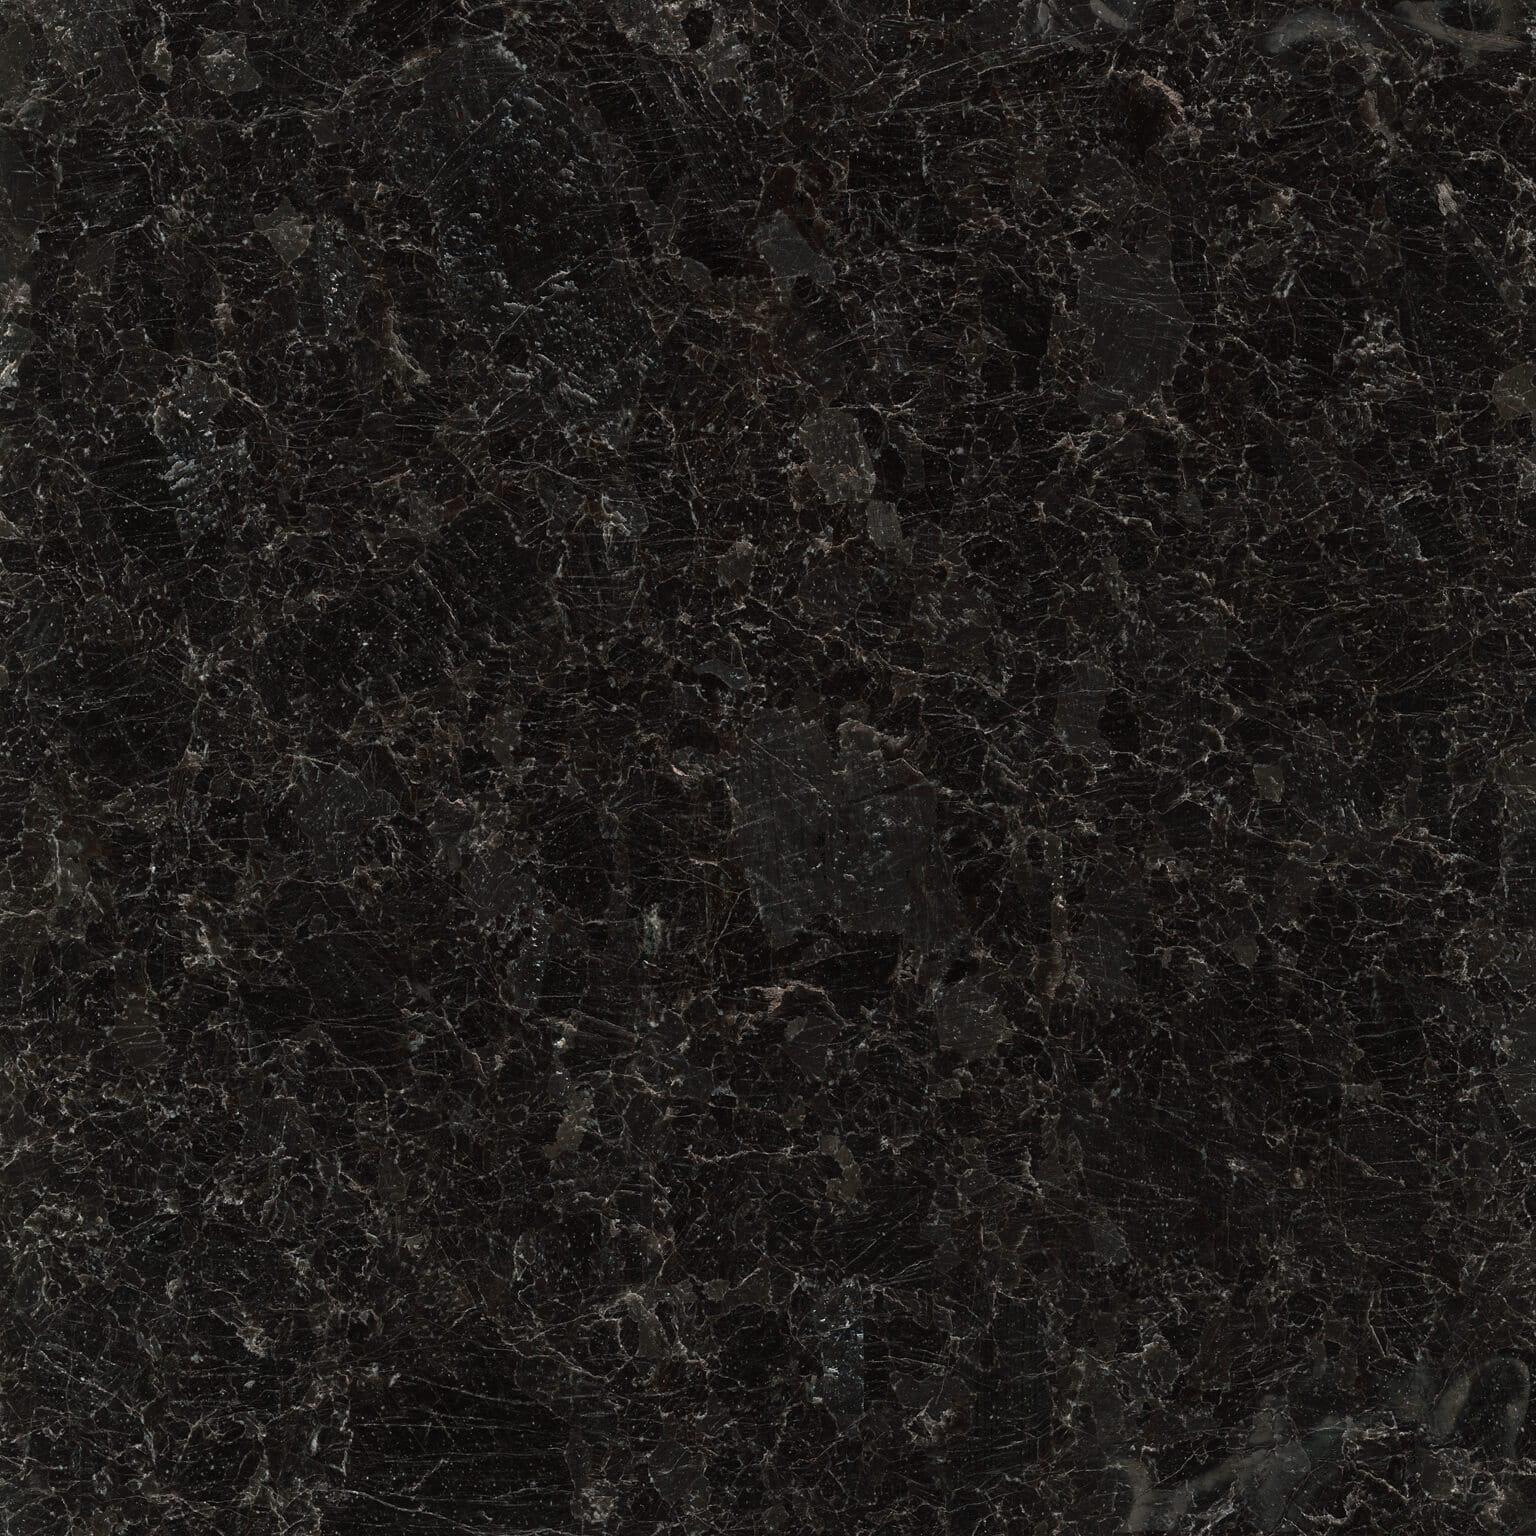 Nordic Black Marble Trend Marble Granite Tiles